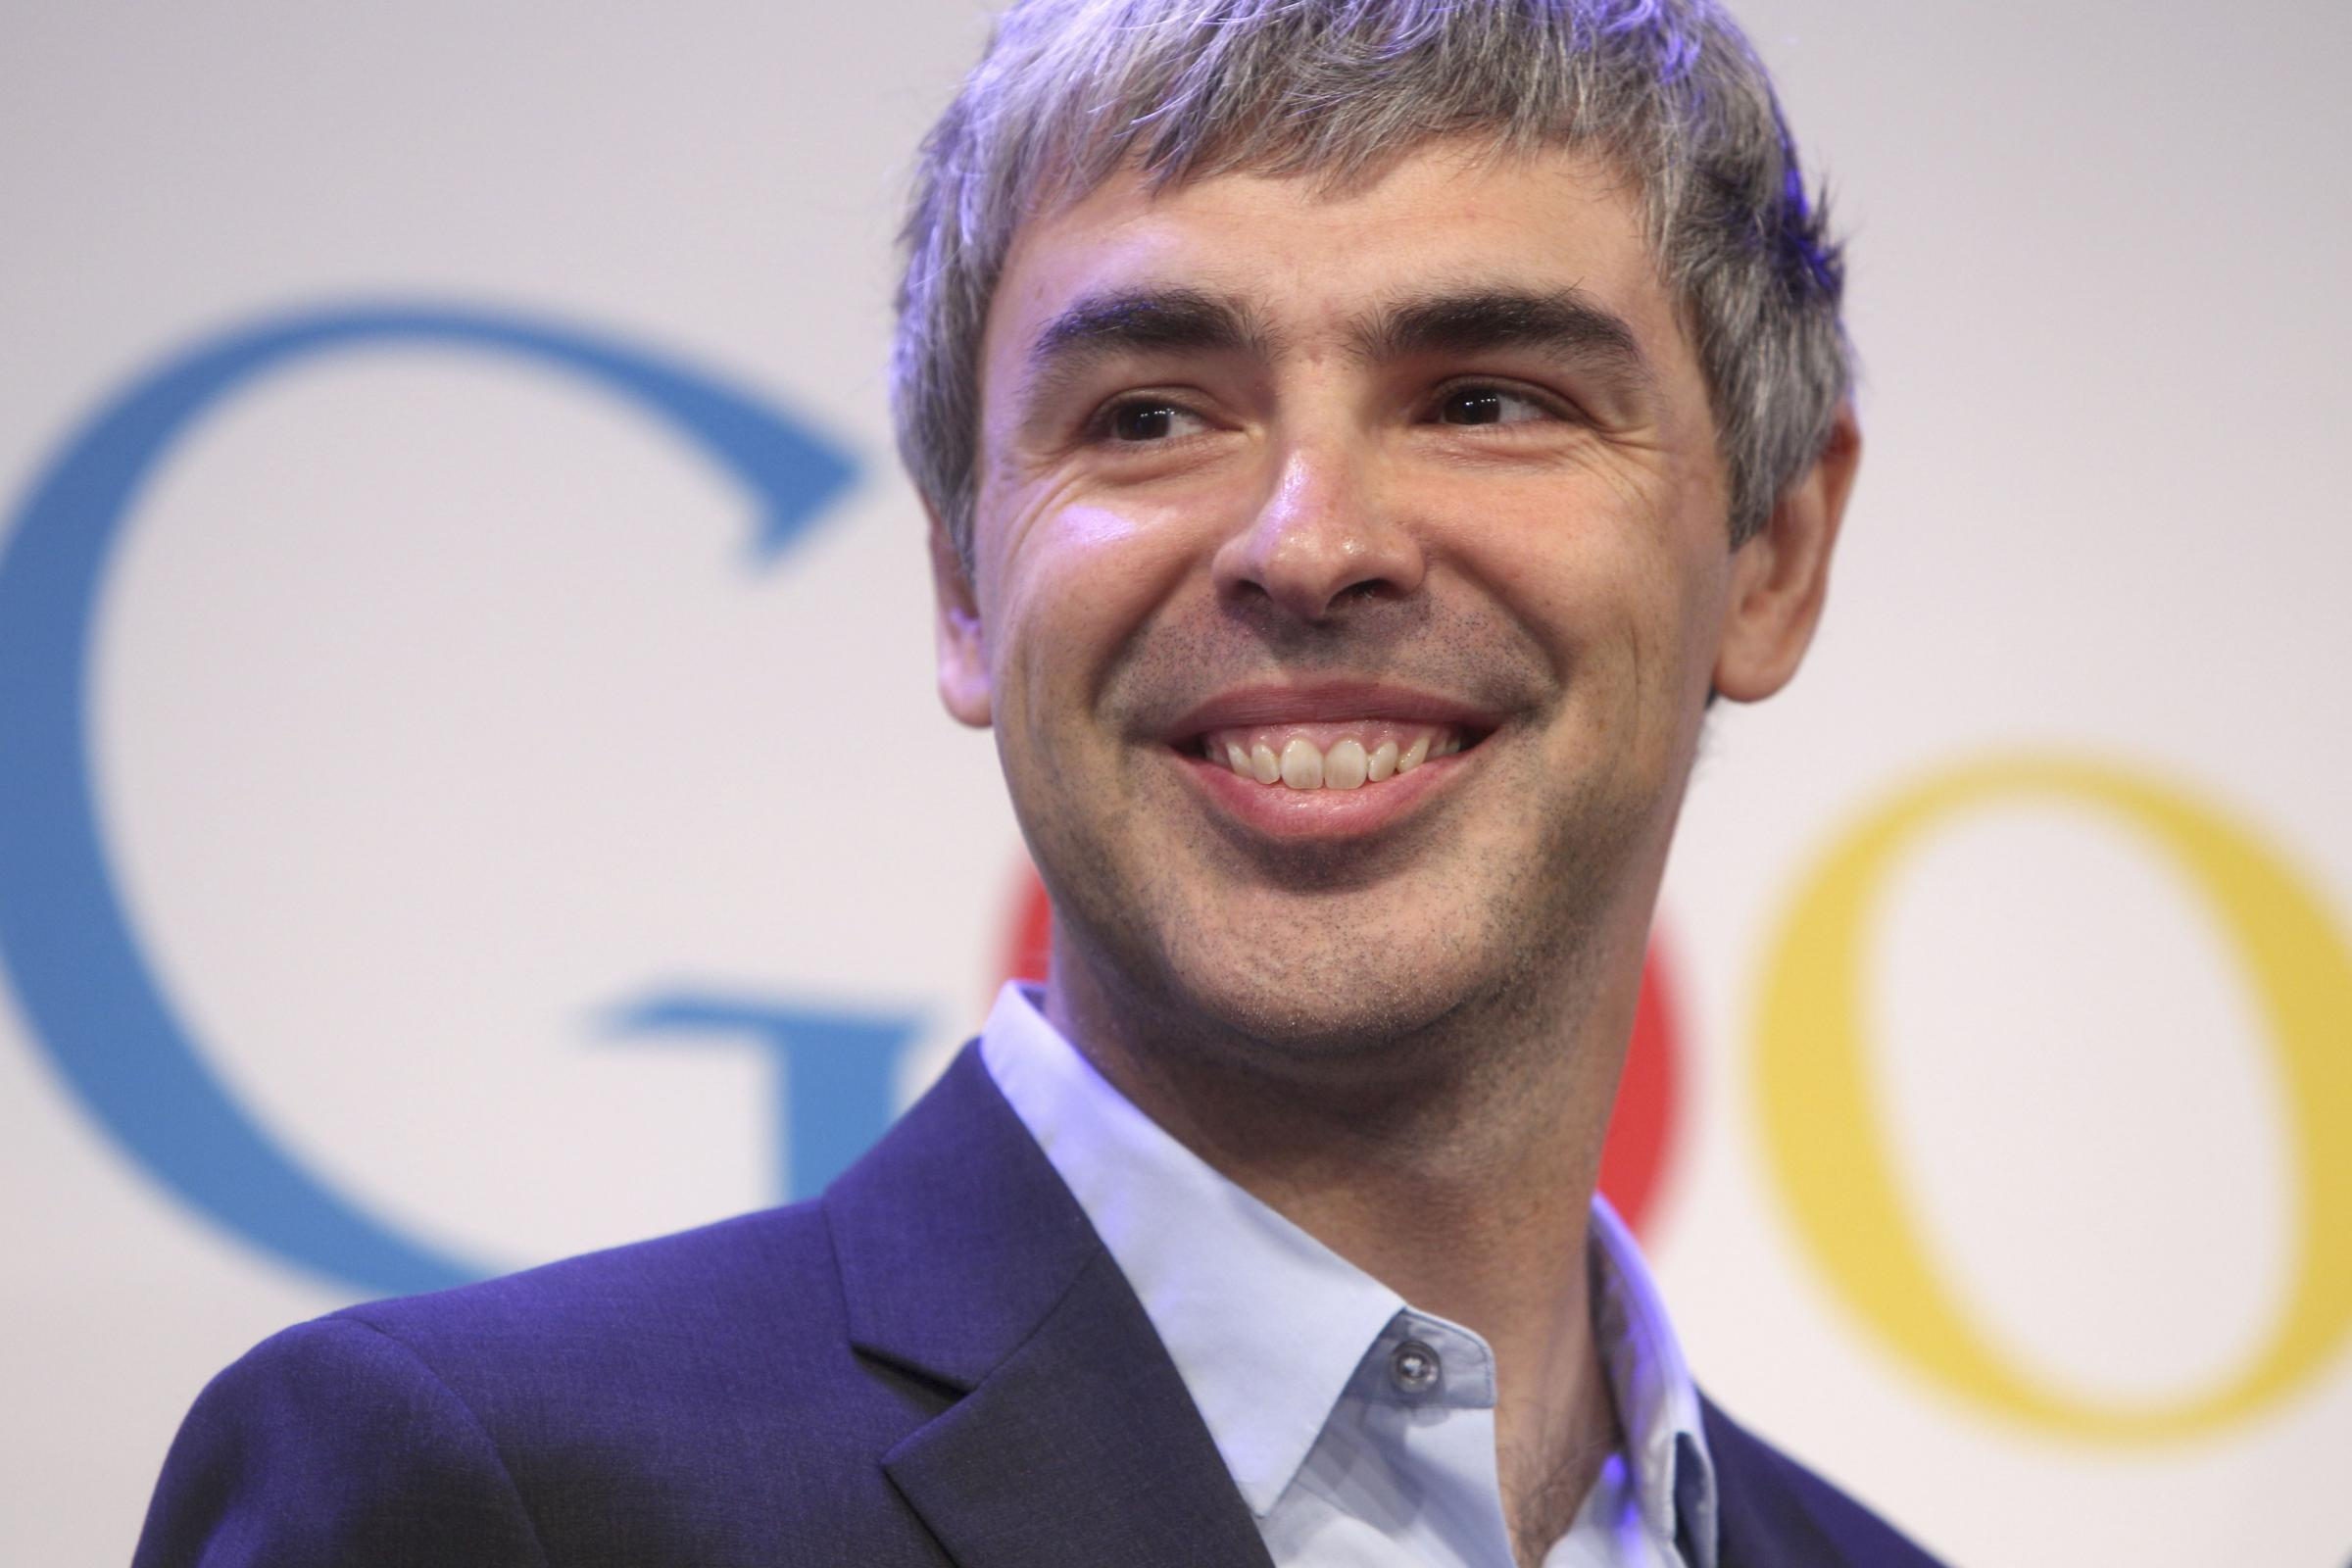 Conferenza stampa di Larry Page, CEO e fondatore di Google